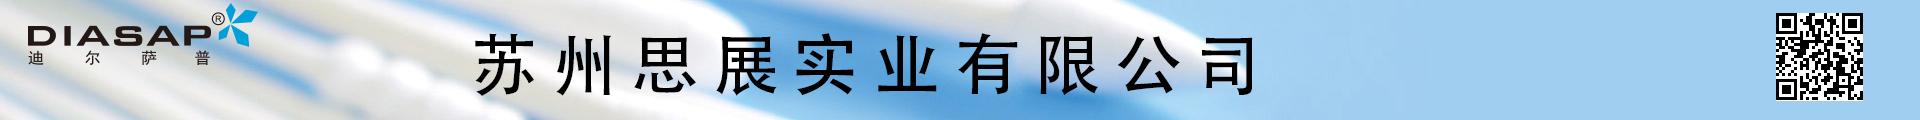 苏州思展实业有限公司